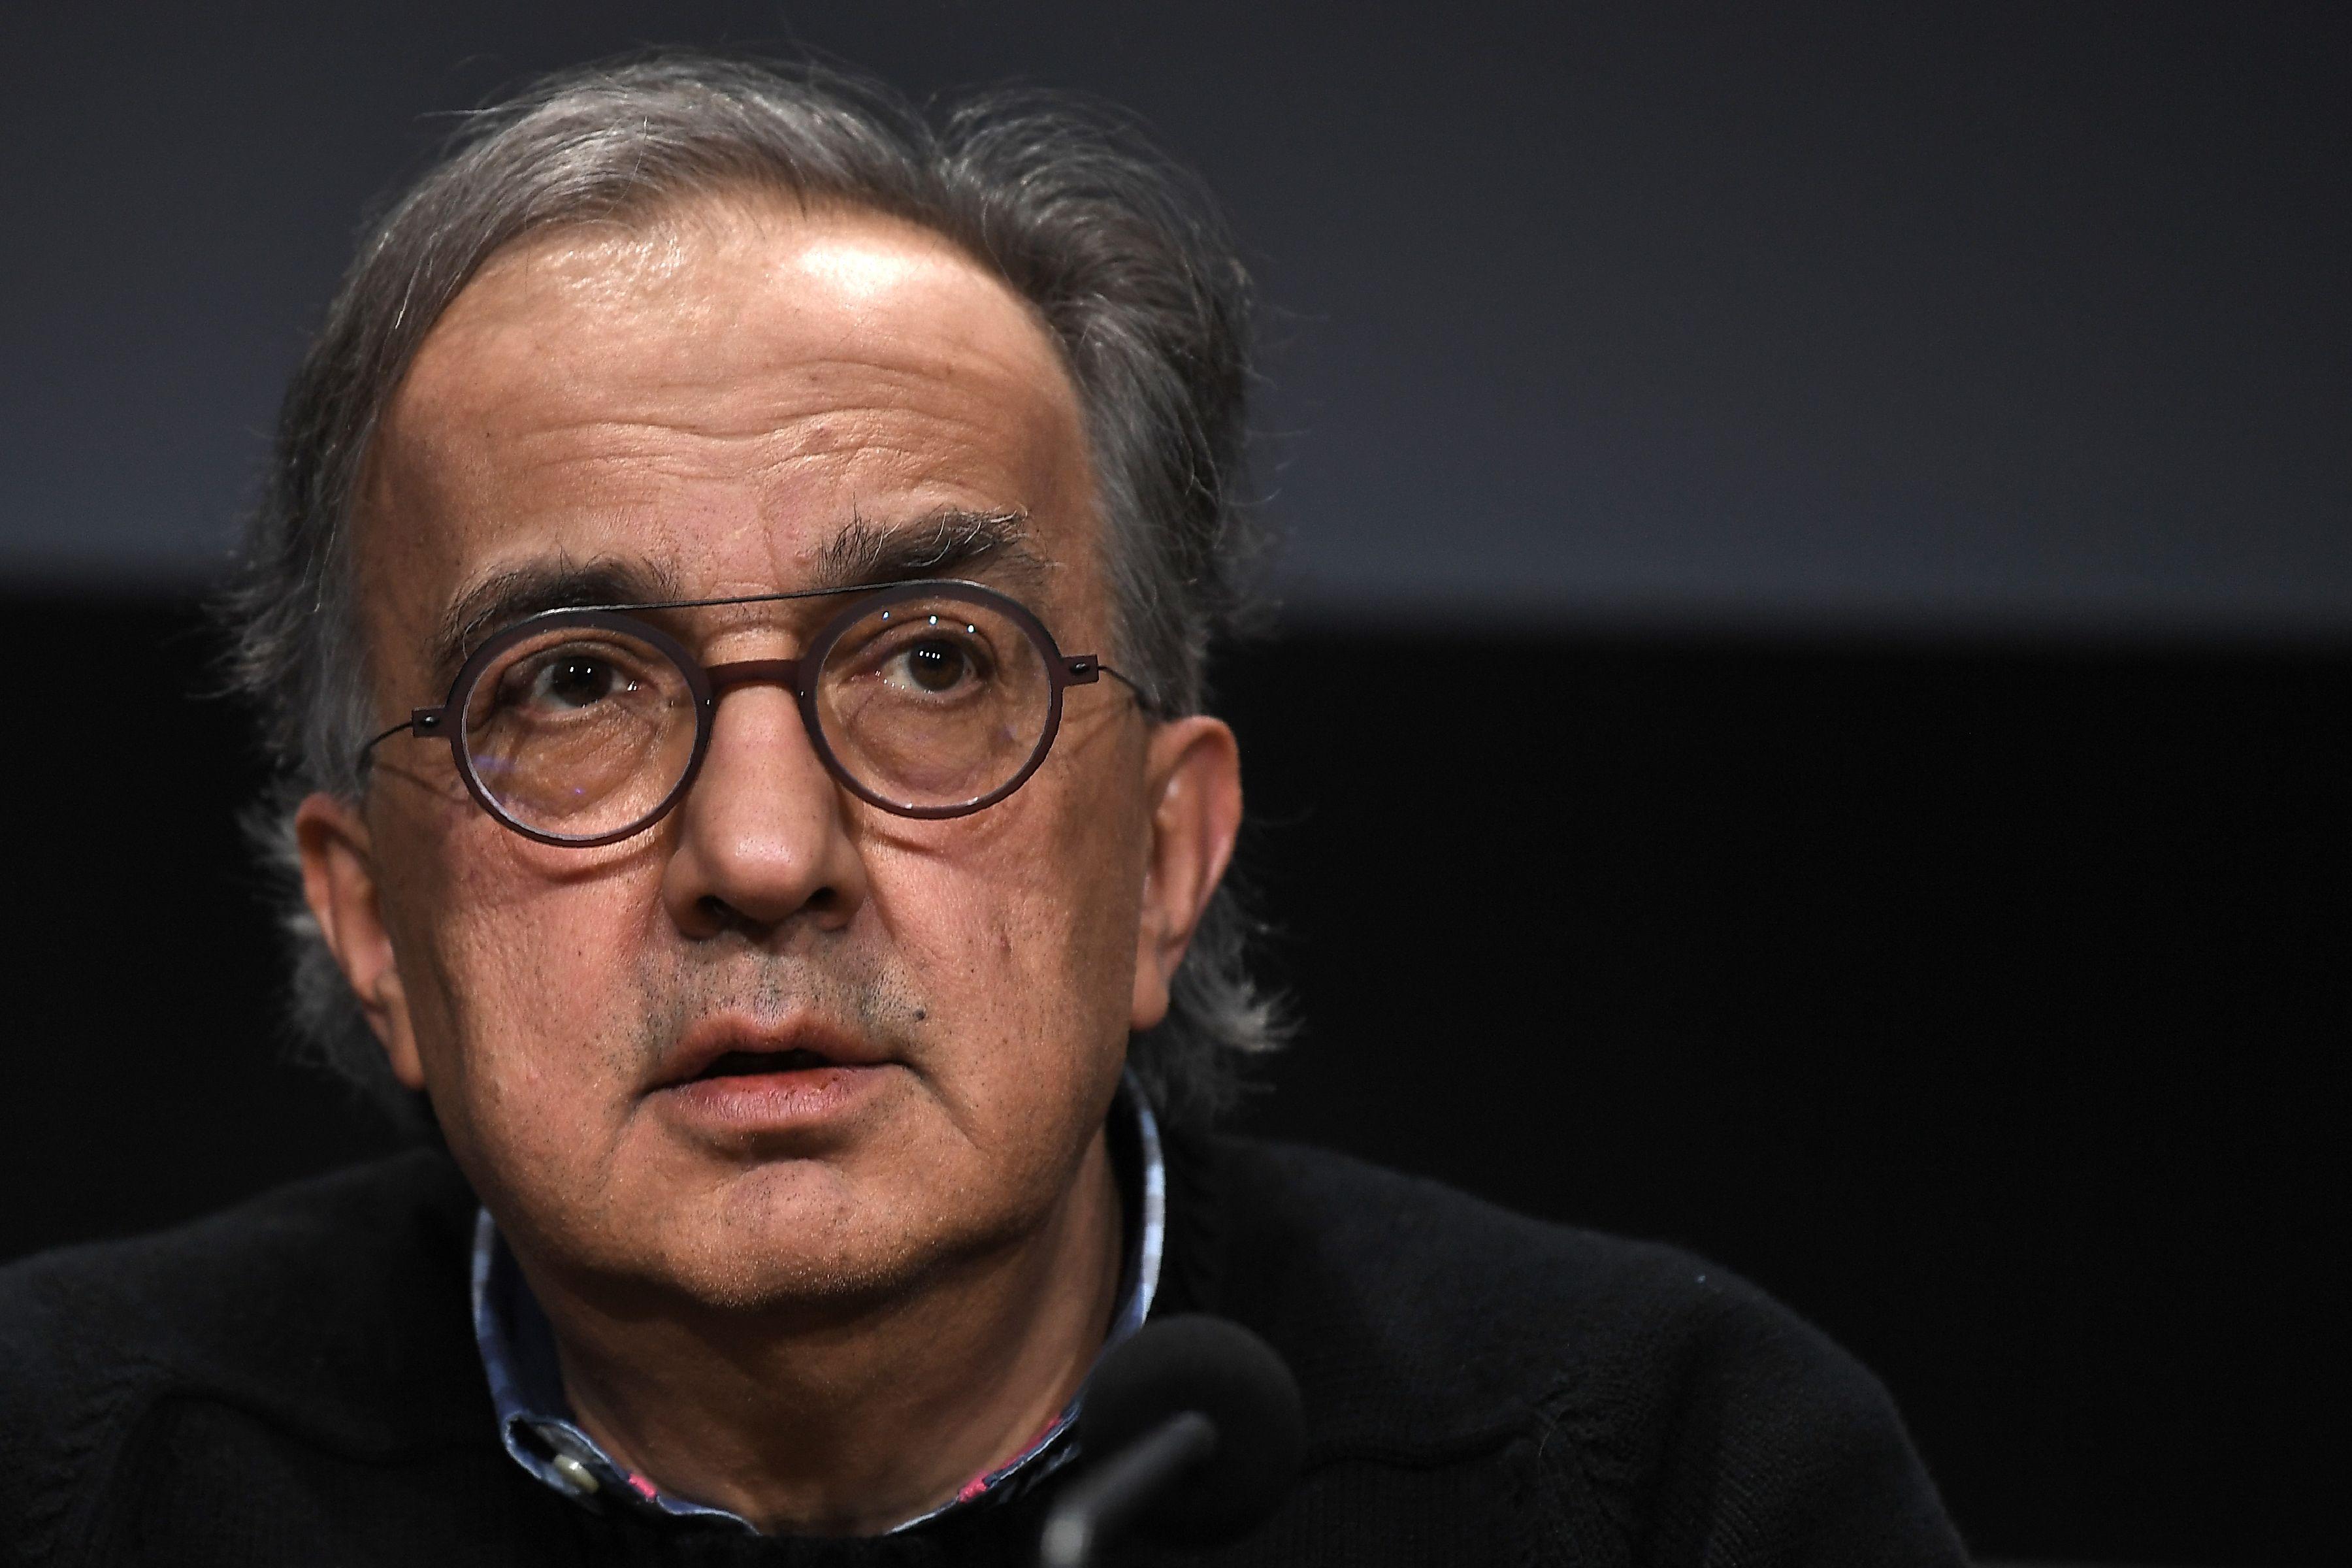 UN ADDIO IMPROVVISO E TRAUMATICO - Si chiude l'era Marchionne, il perfetto sconosciuto che ha salvato e trasformato Fiat. Un...